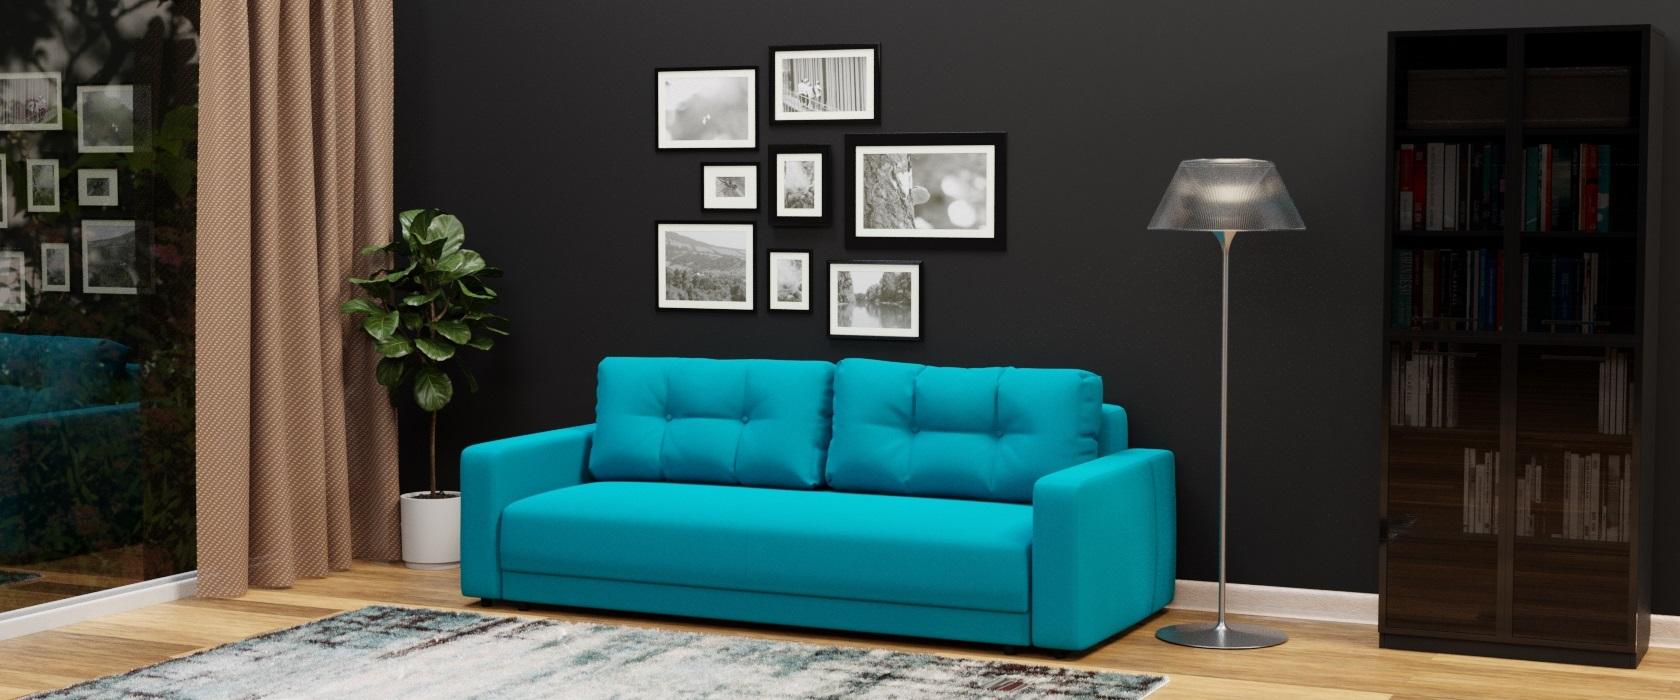 Трехместный диван Famiglia - Фото 2 - Pufetto